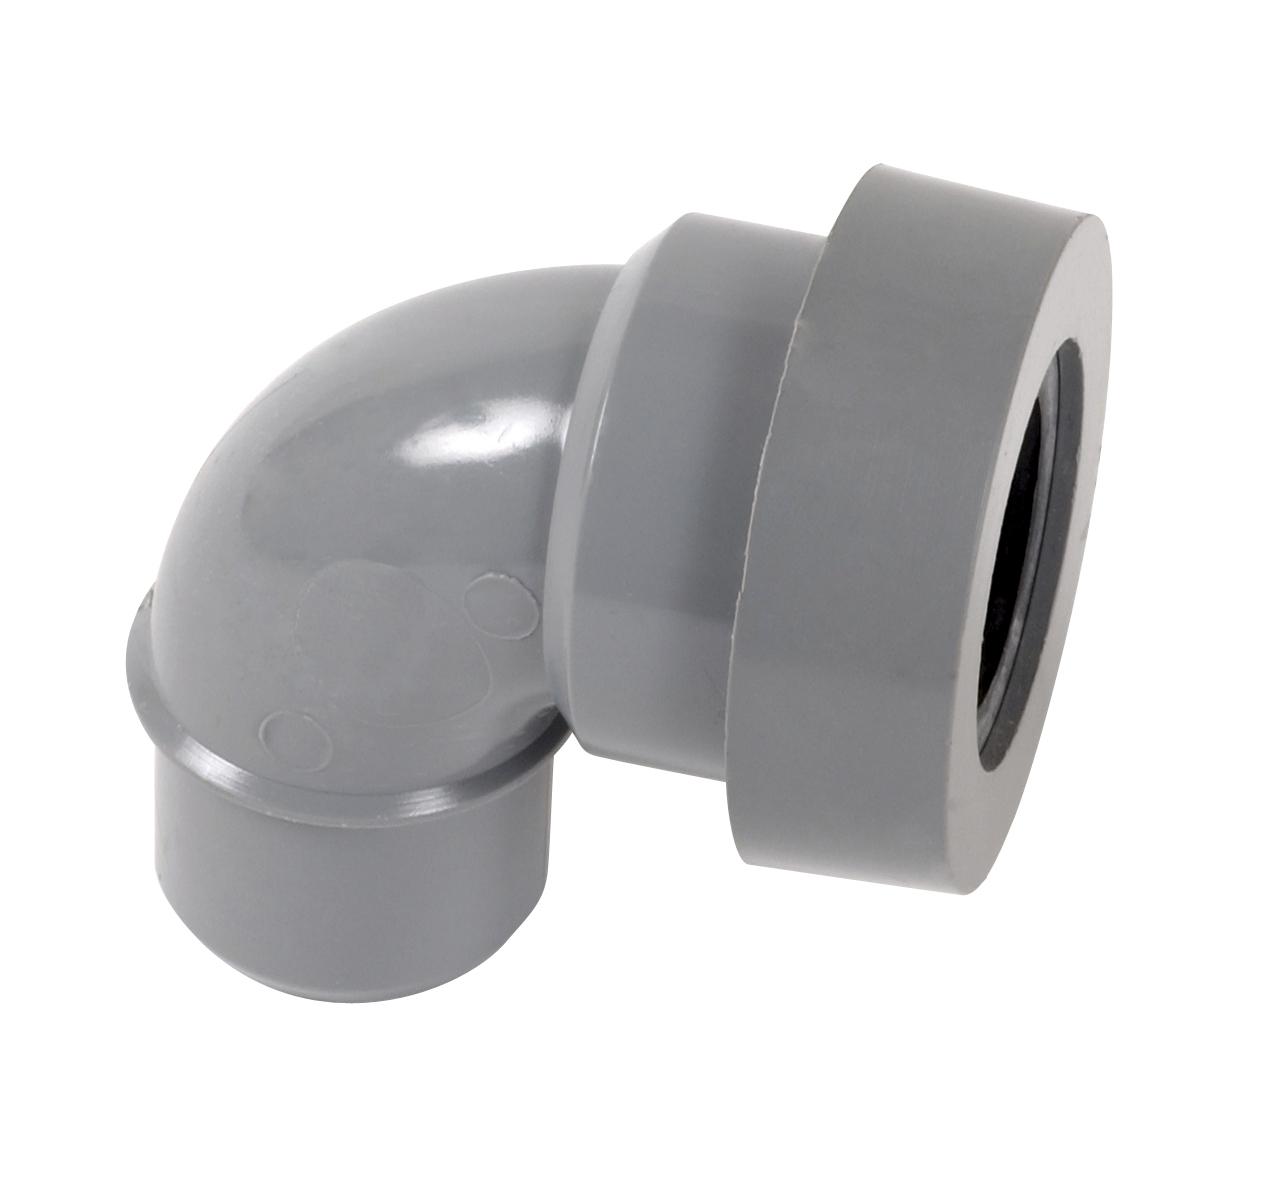 COUDE PVC A JOINT MF PVC A 87°30 POUR SORTIE D'APPAREIL SANITAIRE Nicoll